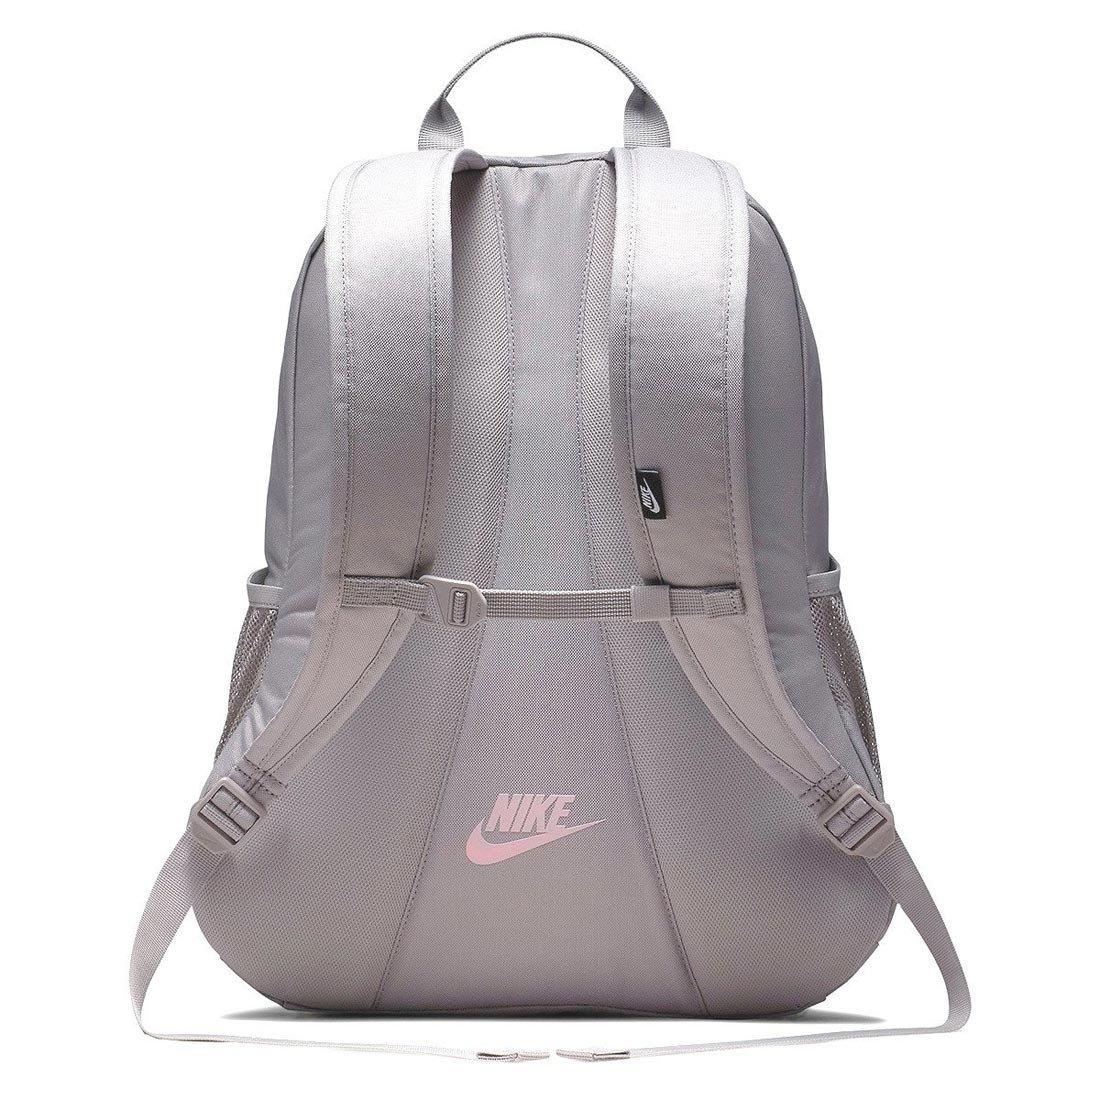 d9cfbf81eff9f ... Plecak Nike Hayward Futura 2.0 BA5217-027 Kliknij, aby powiększyć ...